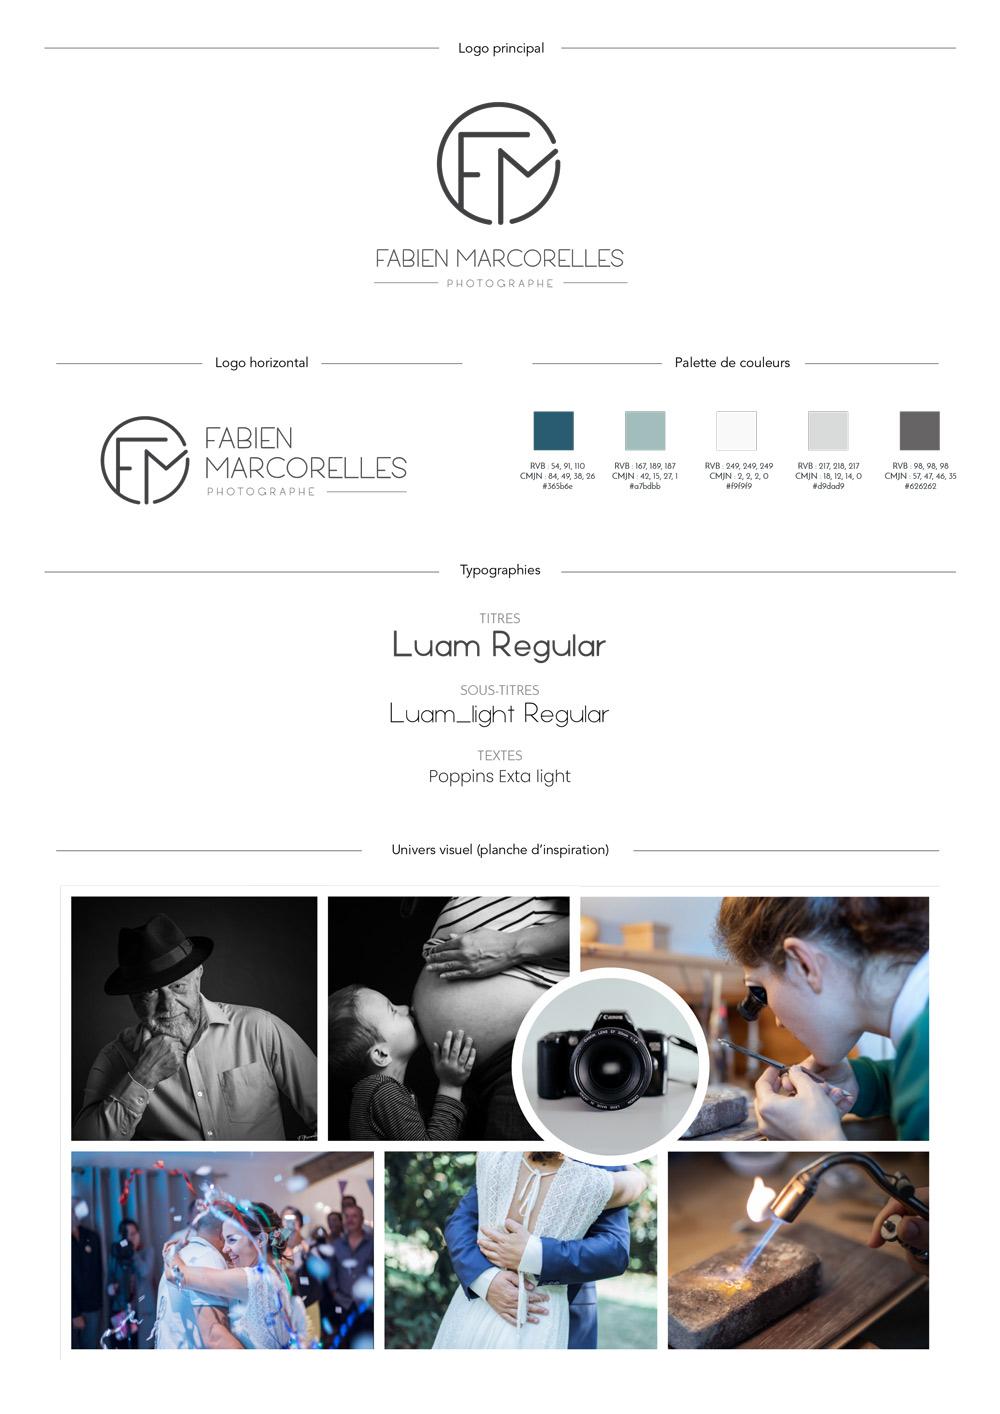 Brand board du studio photo de Fabien Marcorelles, résumé de la charte graphique